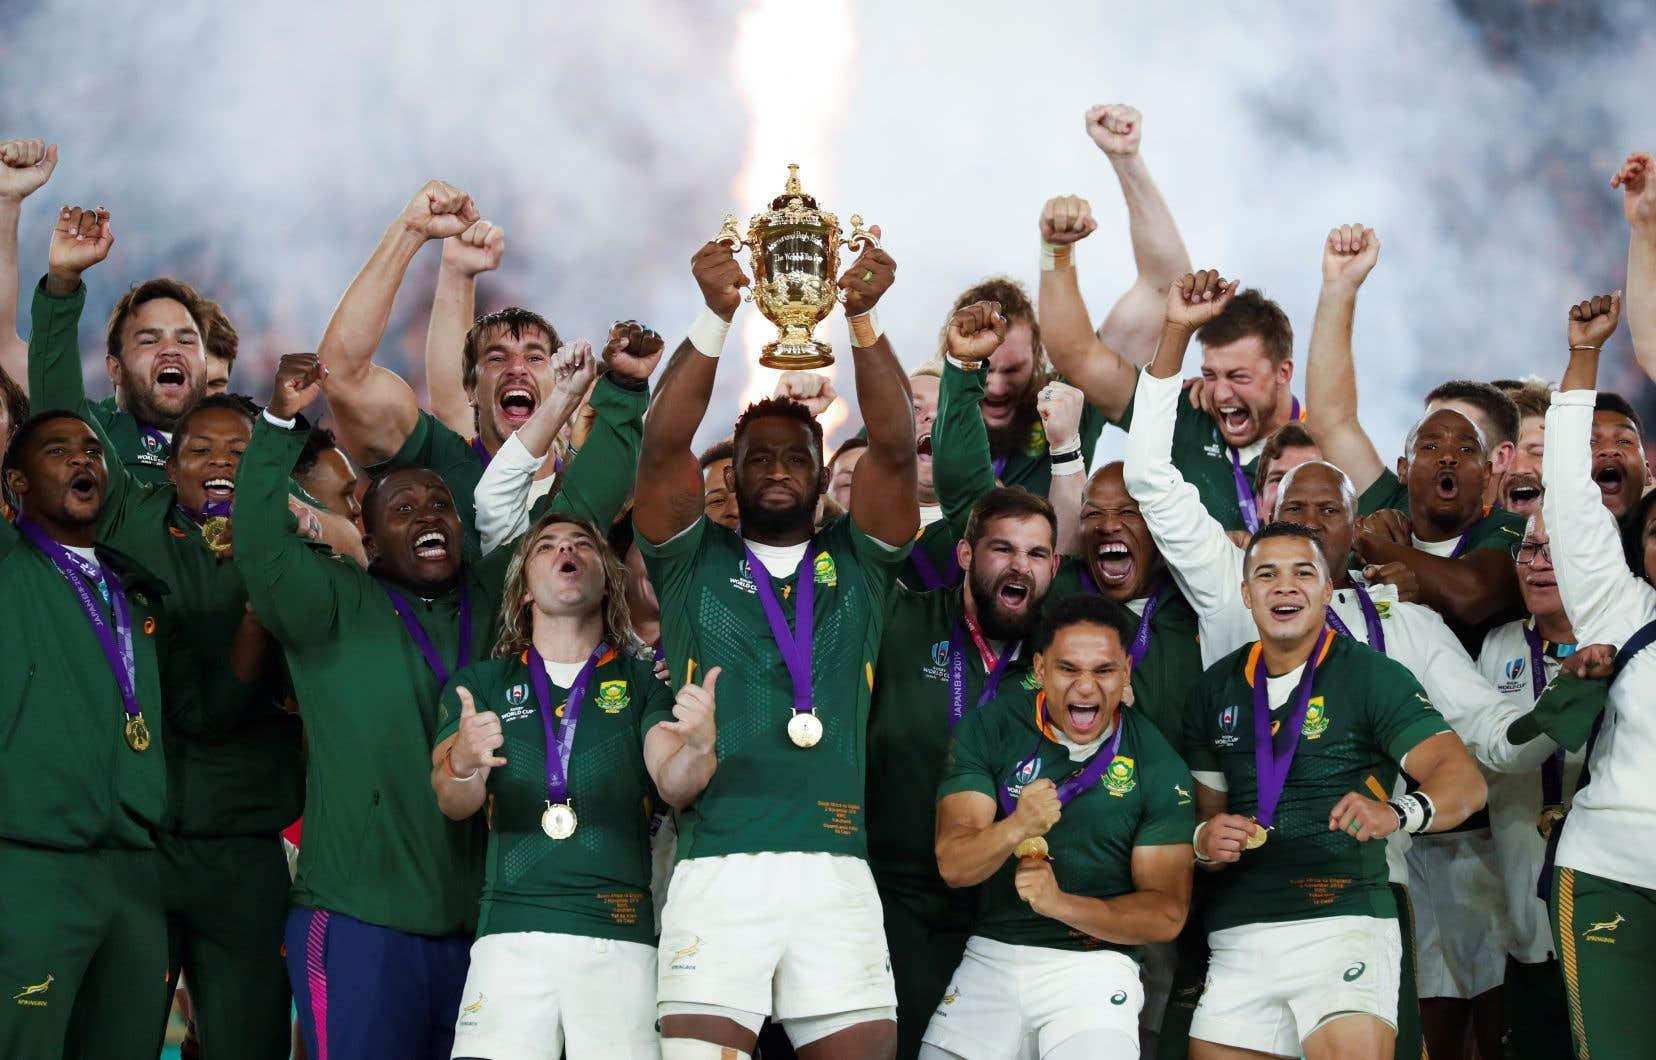 Les Springboks ont remporté leur troisième Coupe du monde samedi, après leurs exploits de 1995 et de 2007.